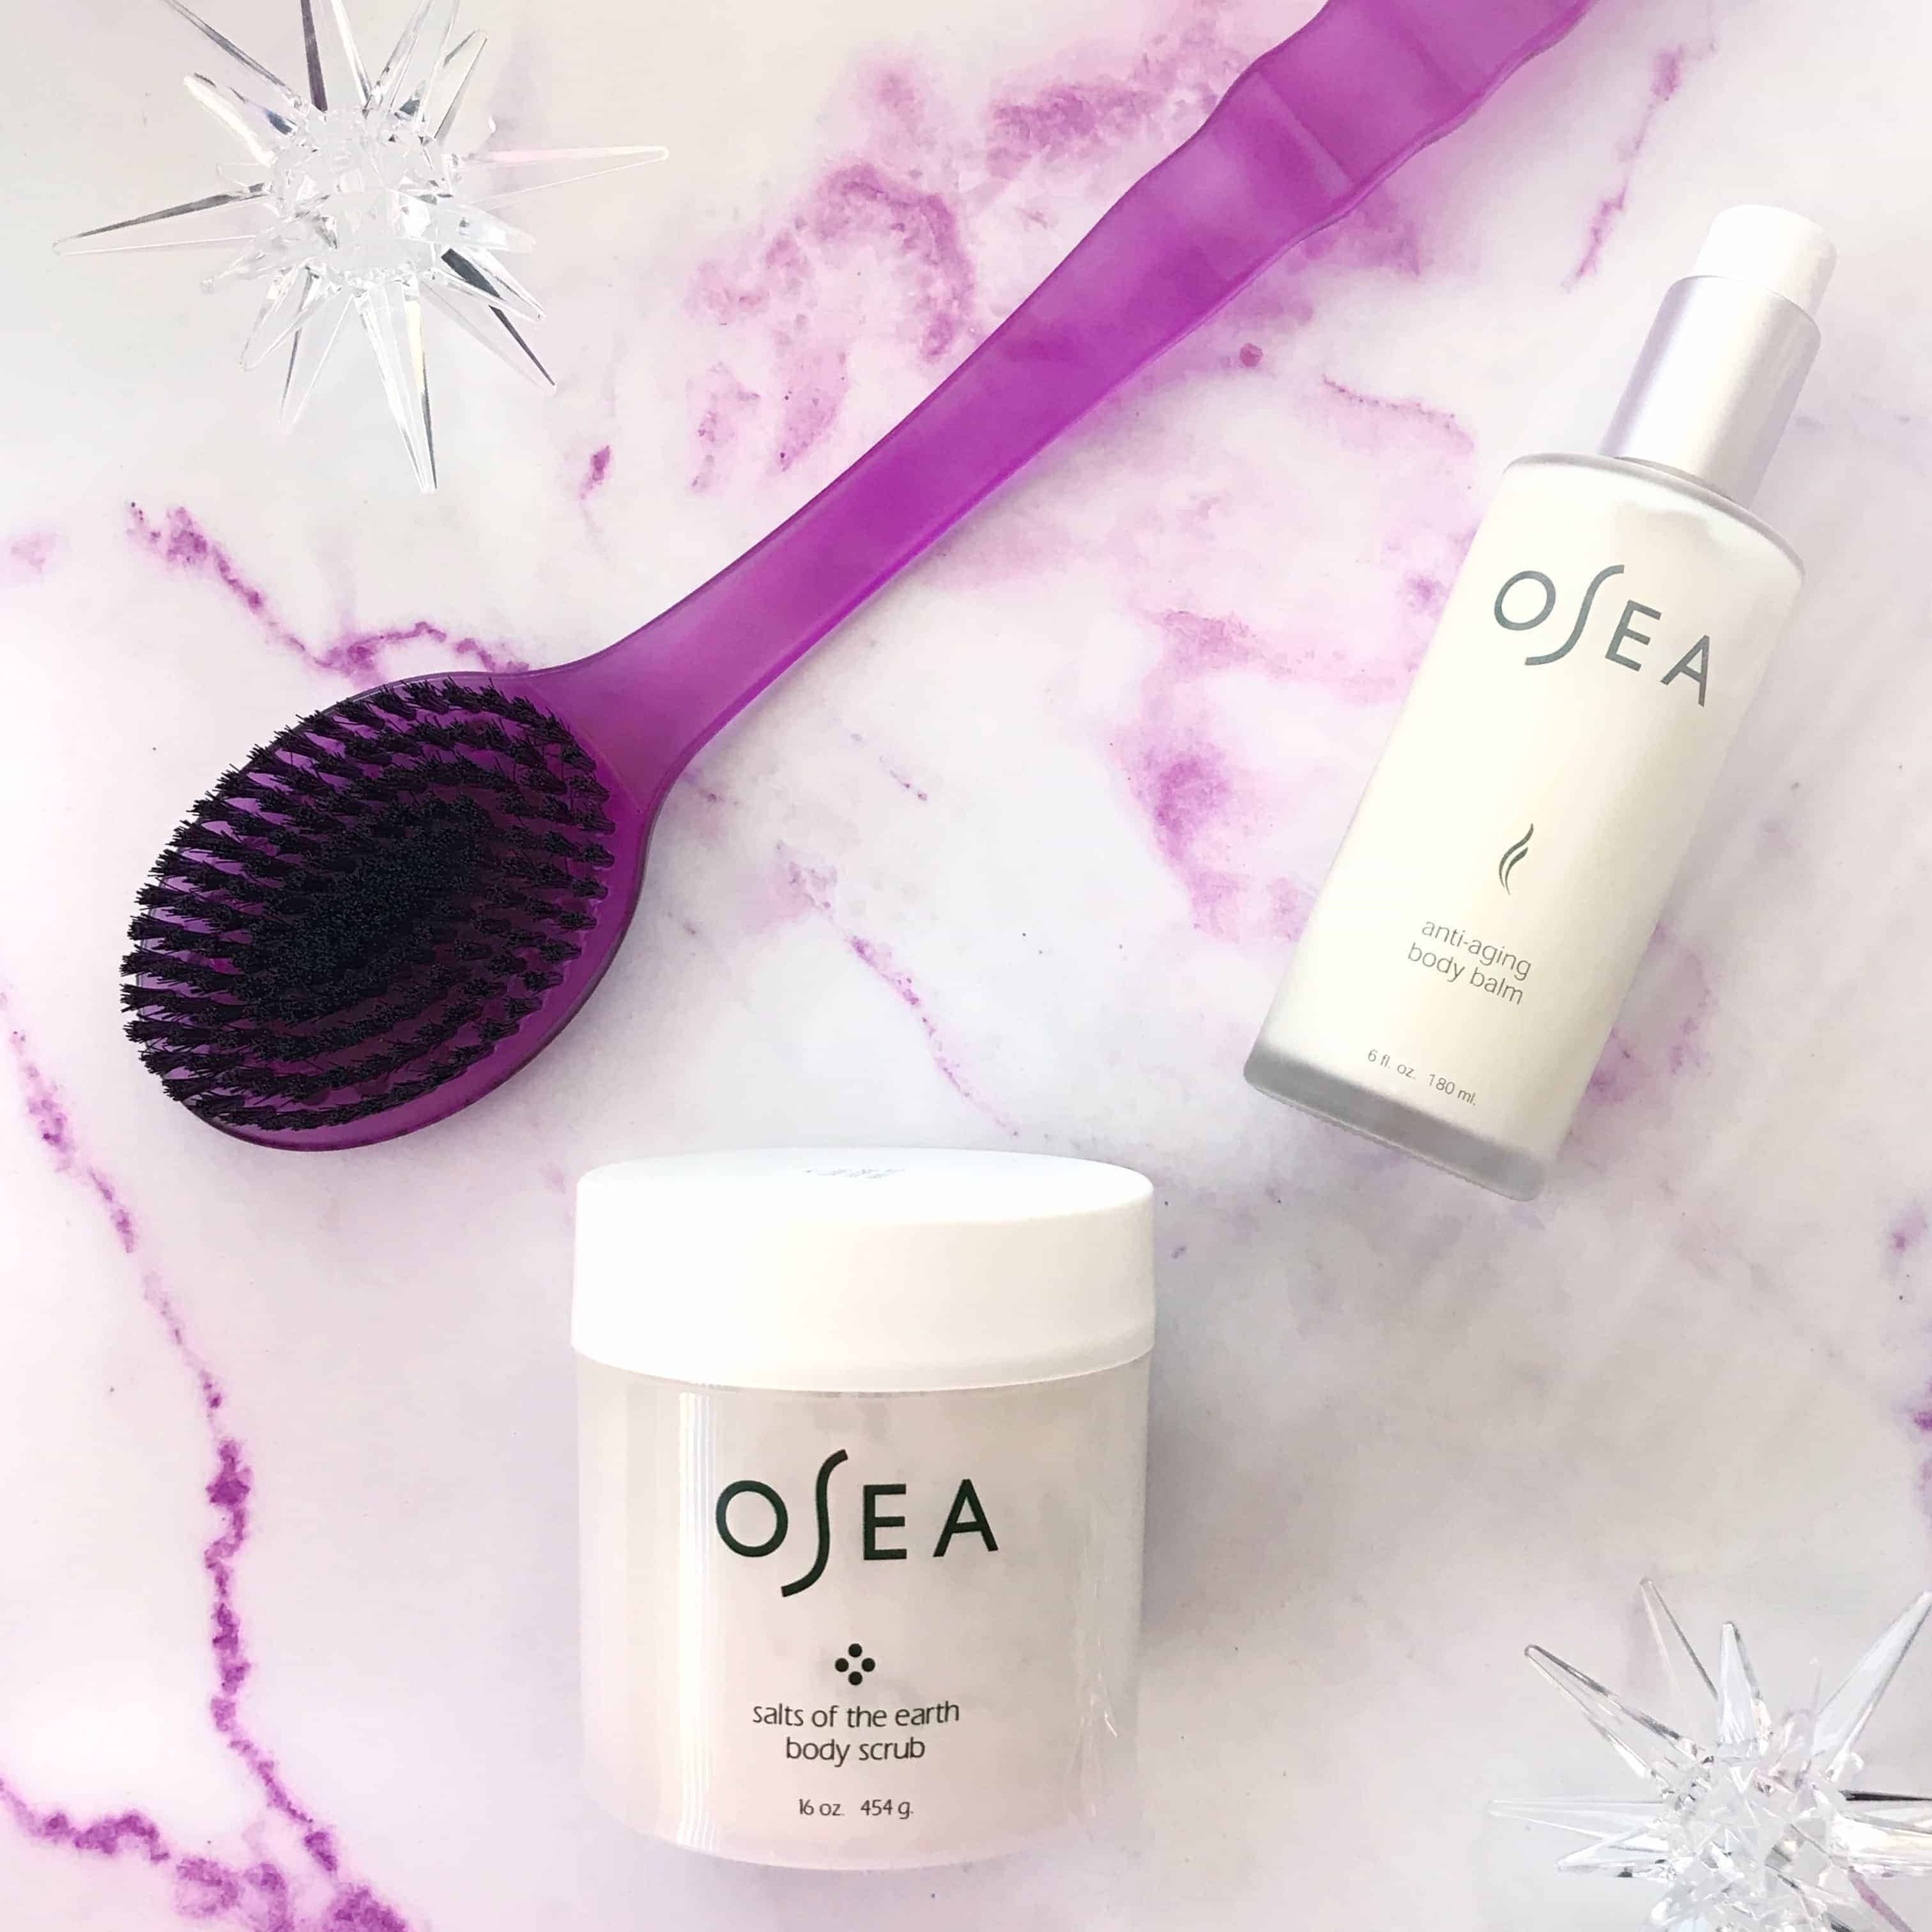 OSEA skin care